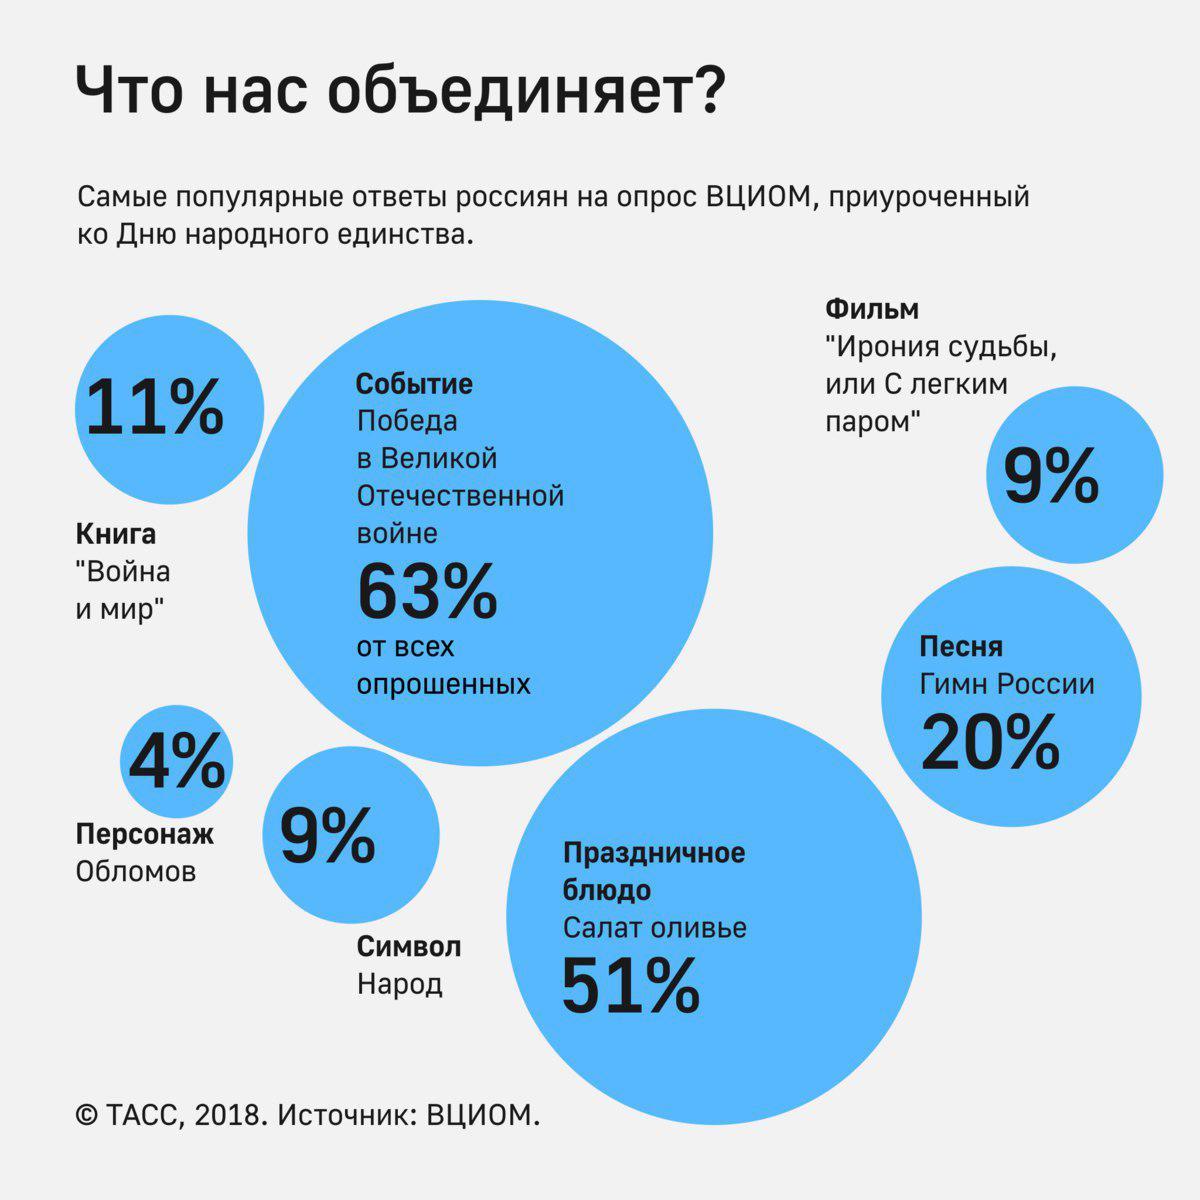 https://tass.ru/infographics/8577